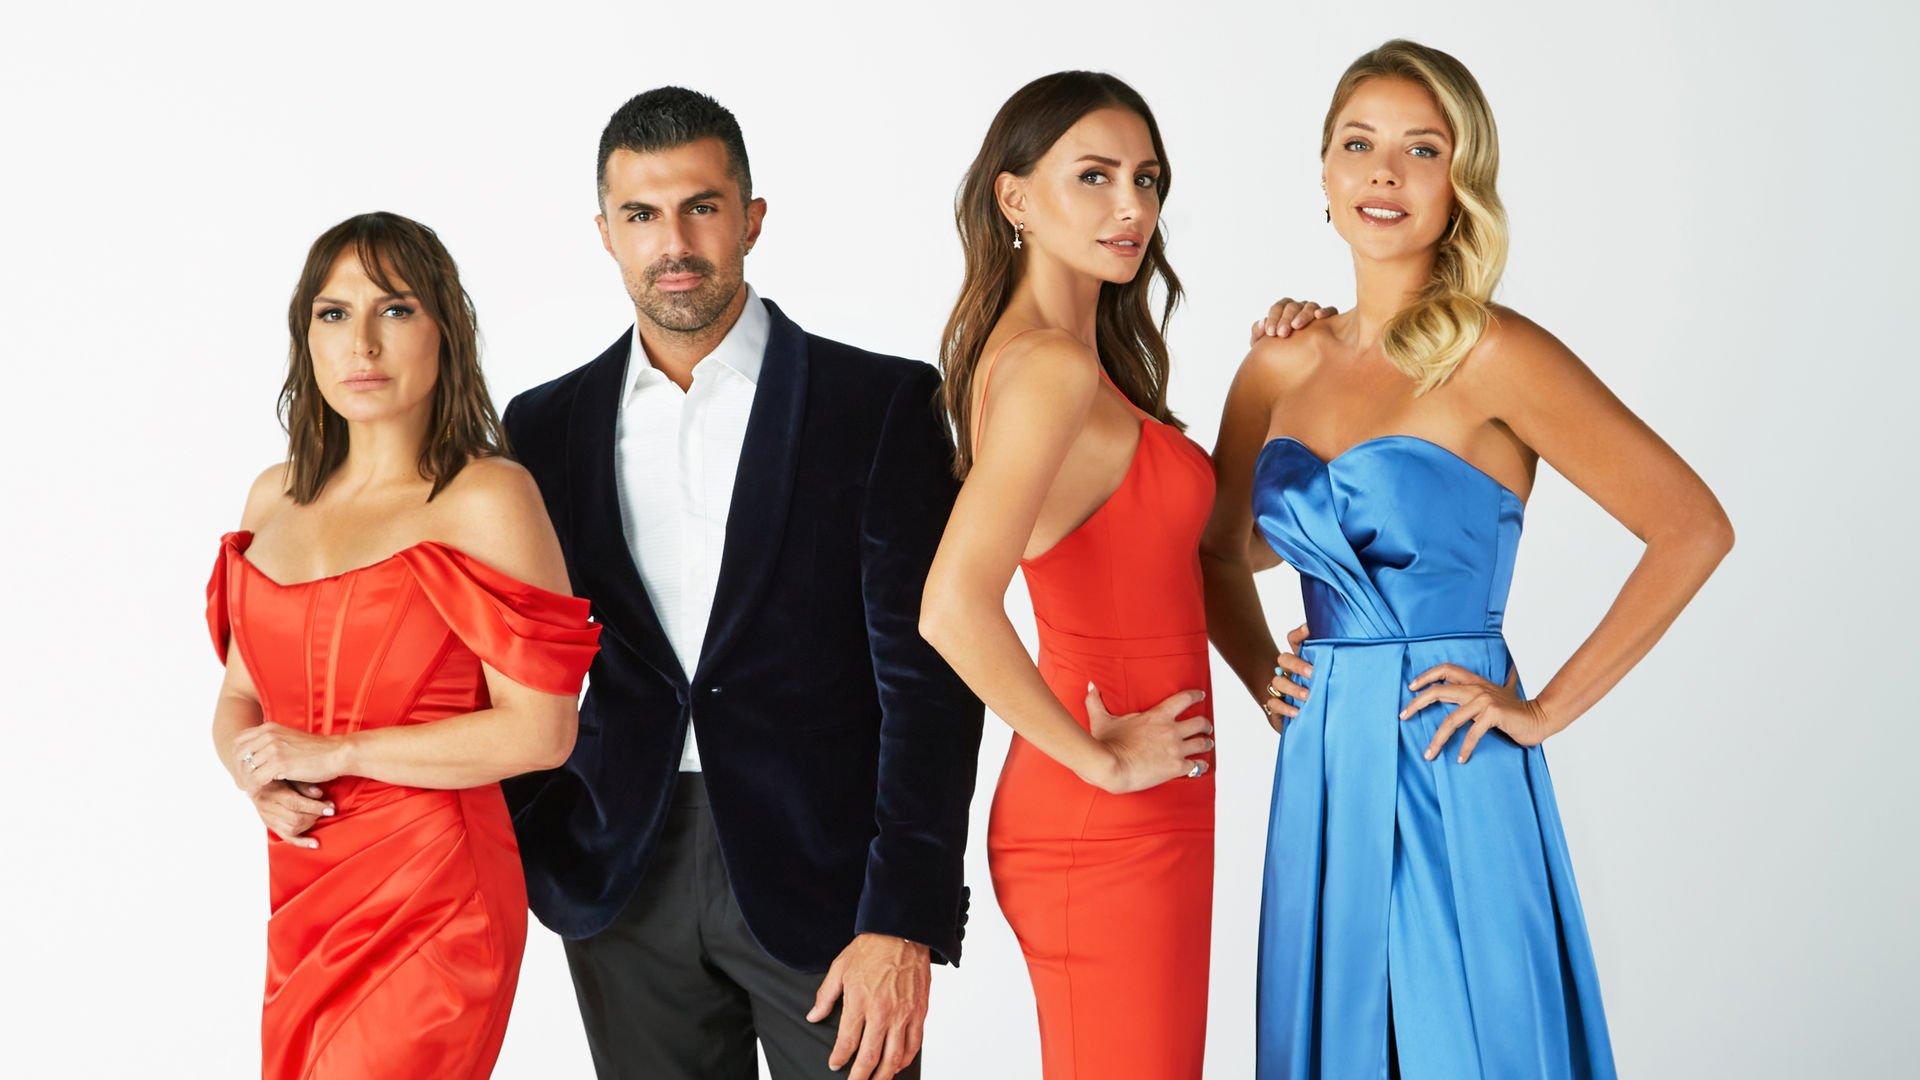 Türkiye'nin yeni yıldızı olmak için yarışacaklar